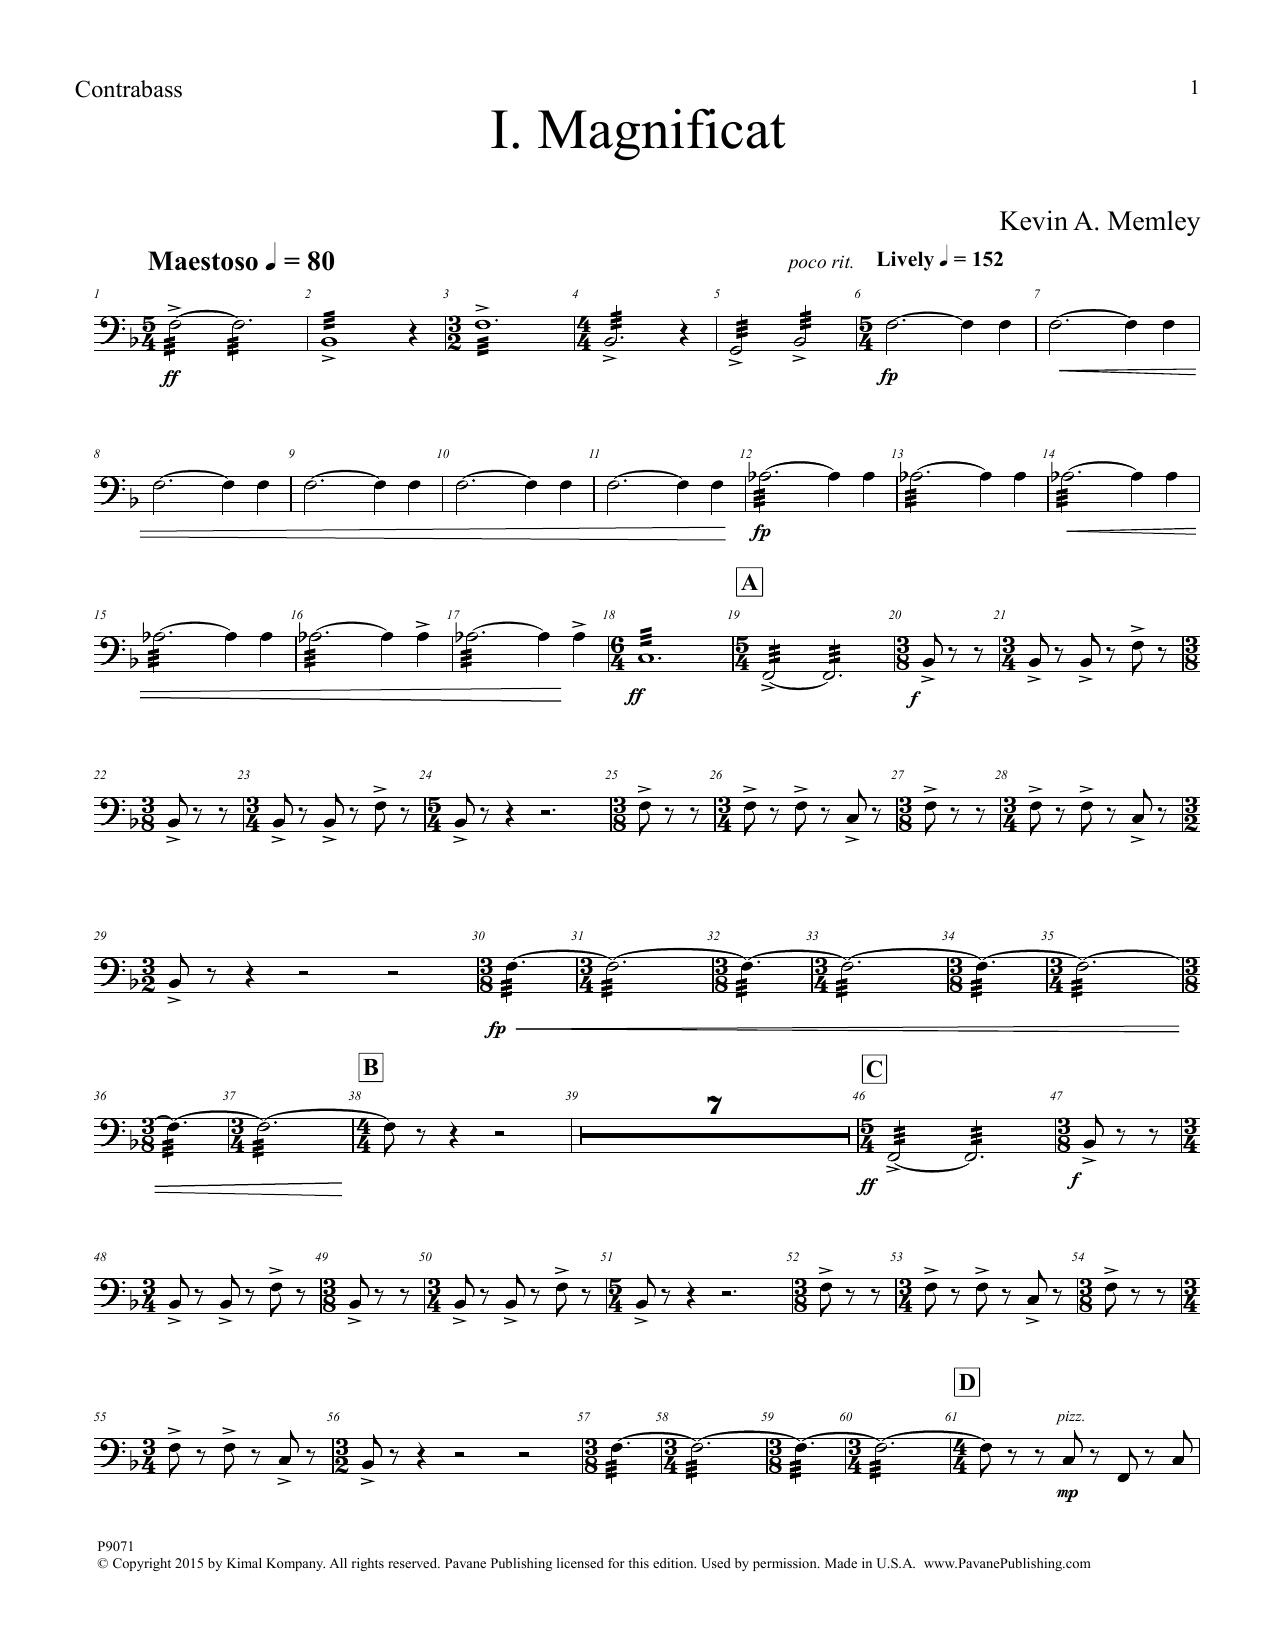 Magnificat - Contrabass Sheet Music